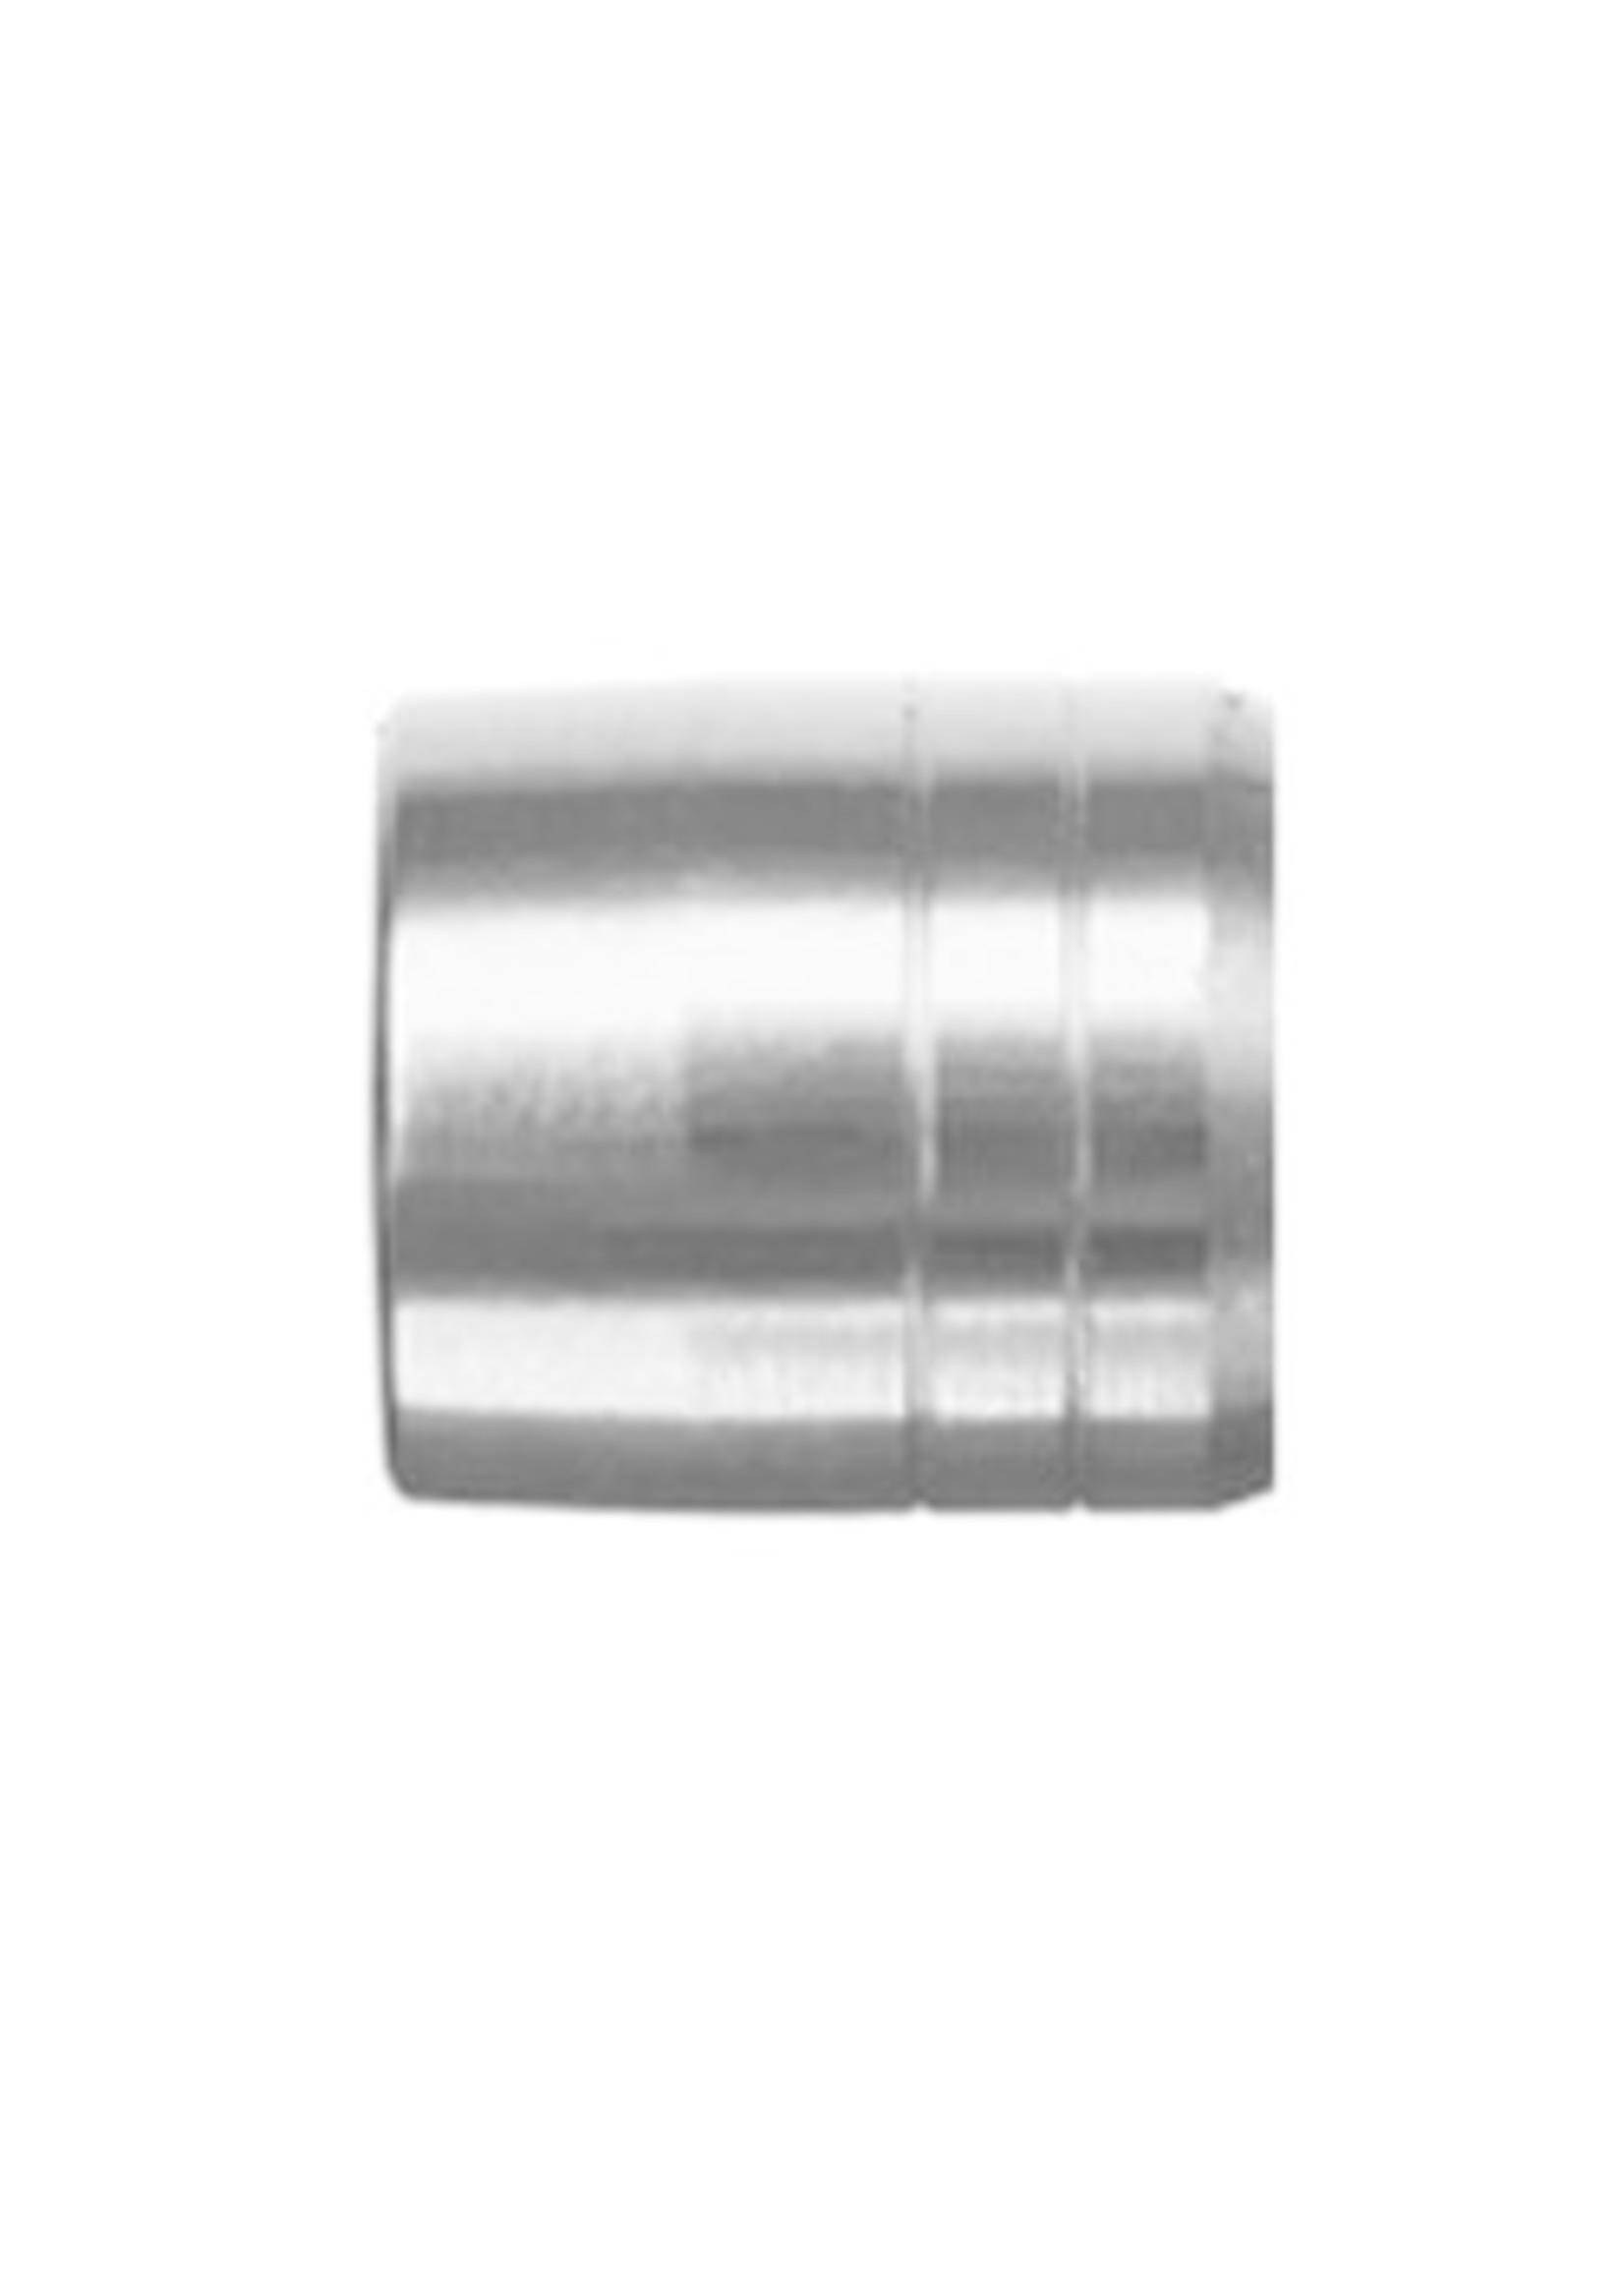 Carbon Express CX Nock Collar - doz